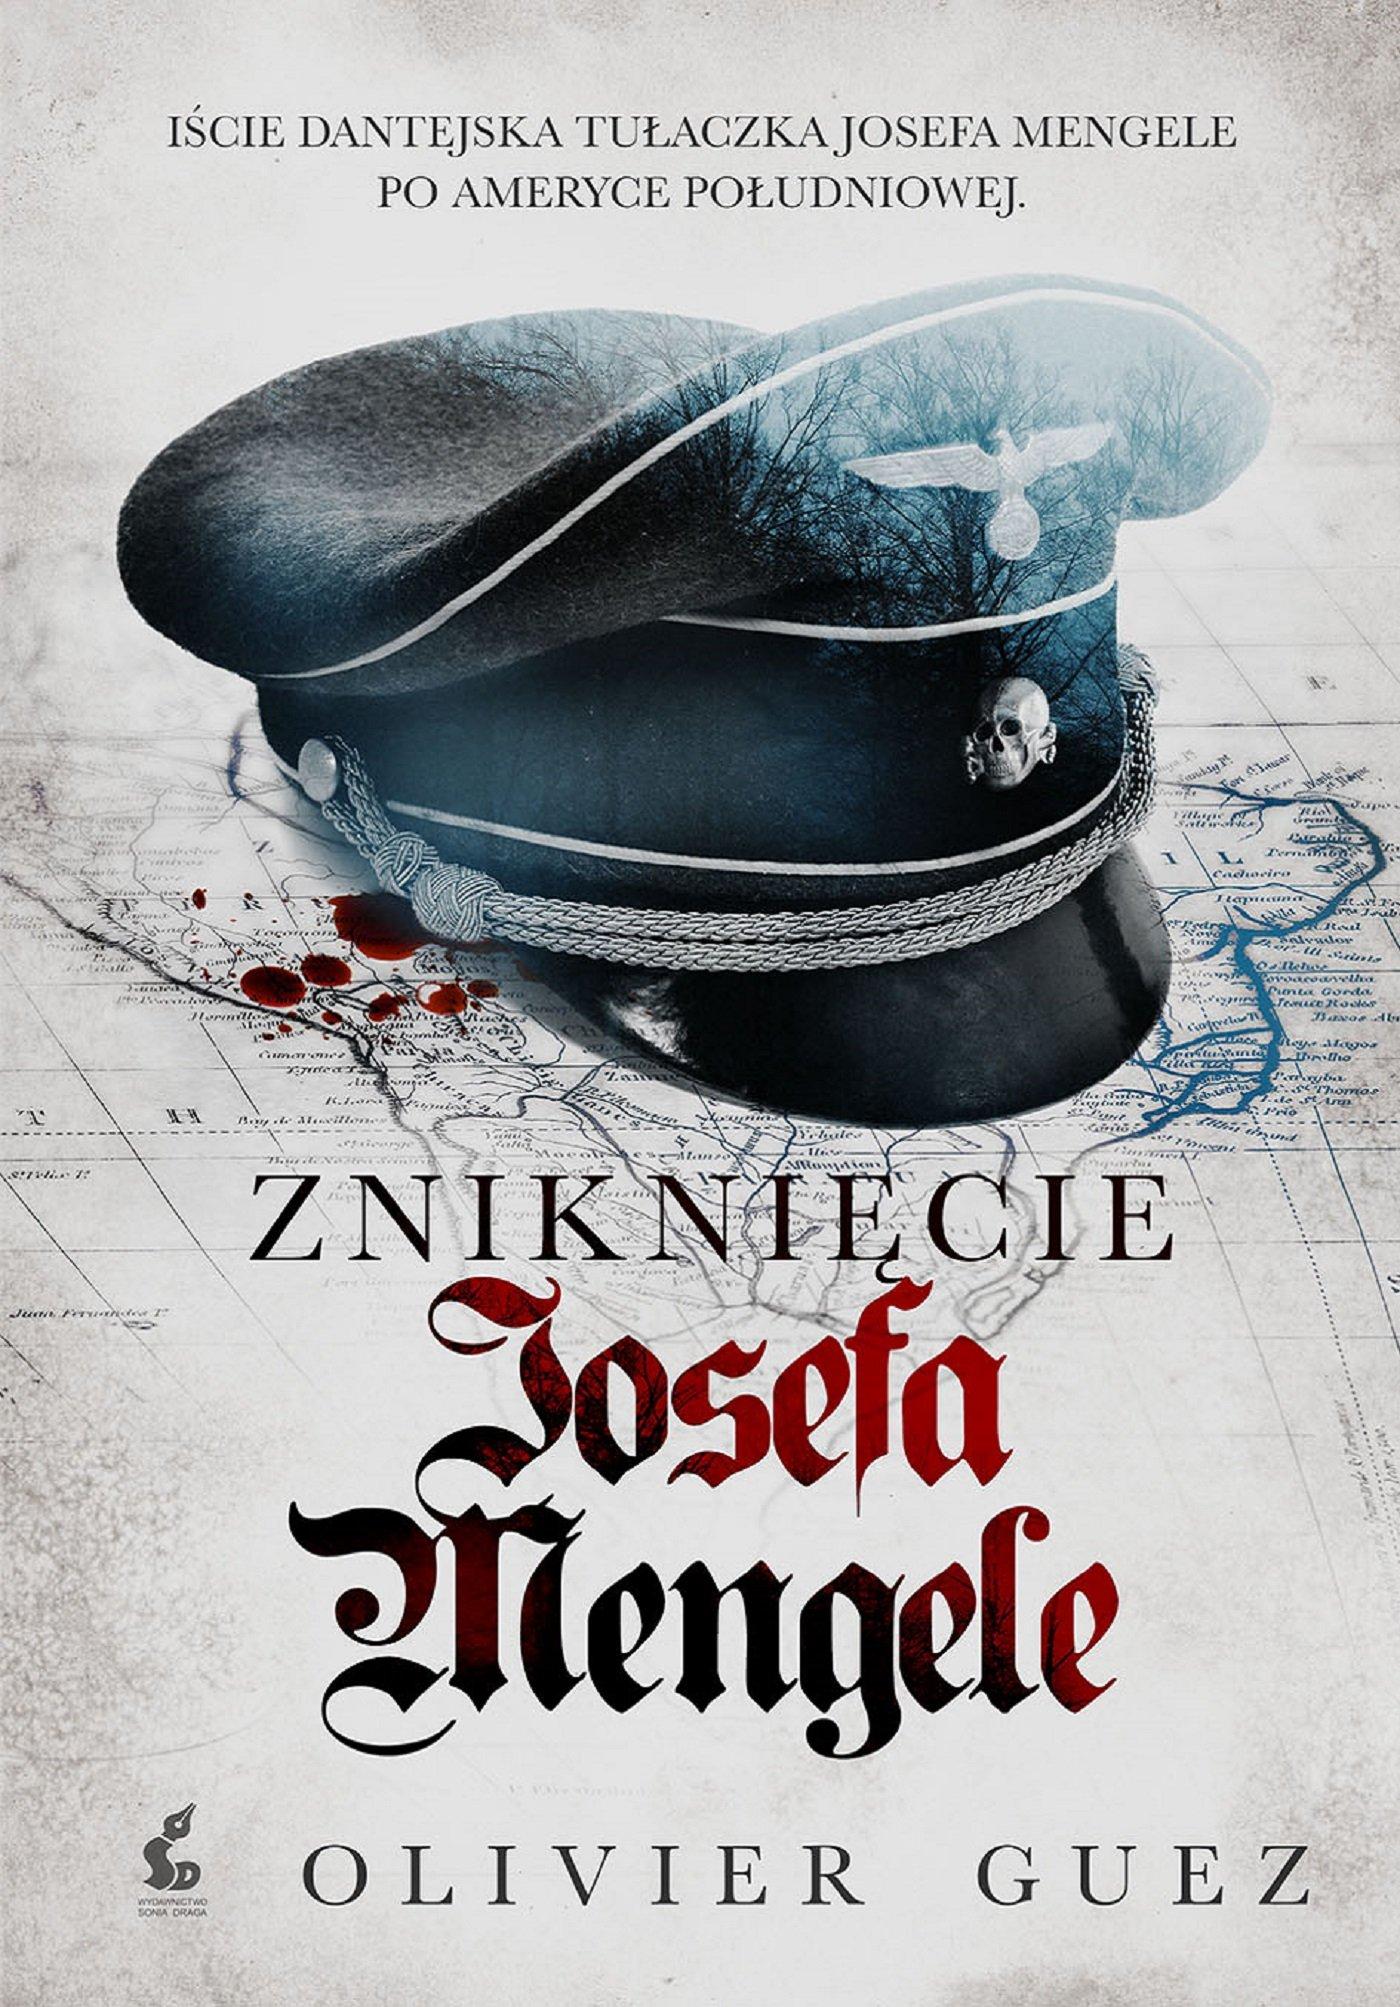 Zniknięcie Josefa Mengele - Ebook (Książka EPUB) do pobrania w formacie EPUB